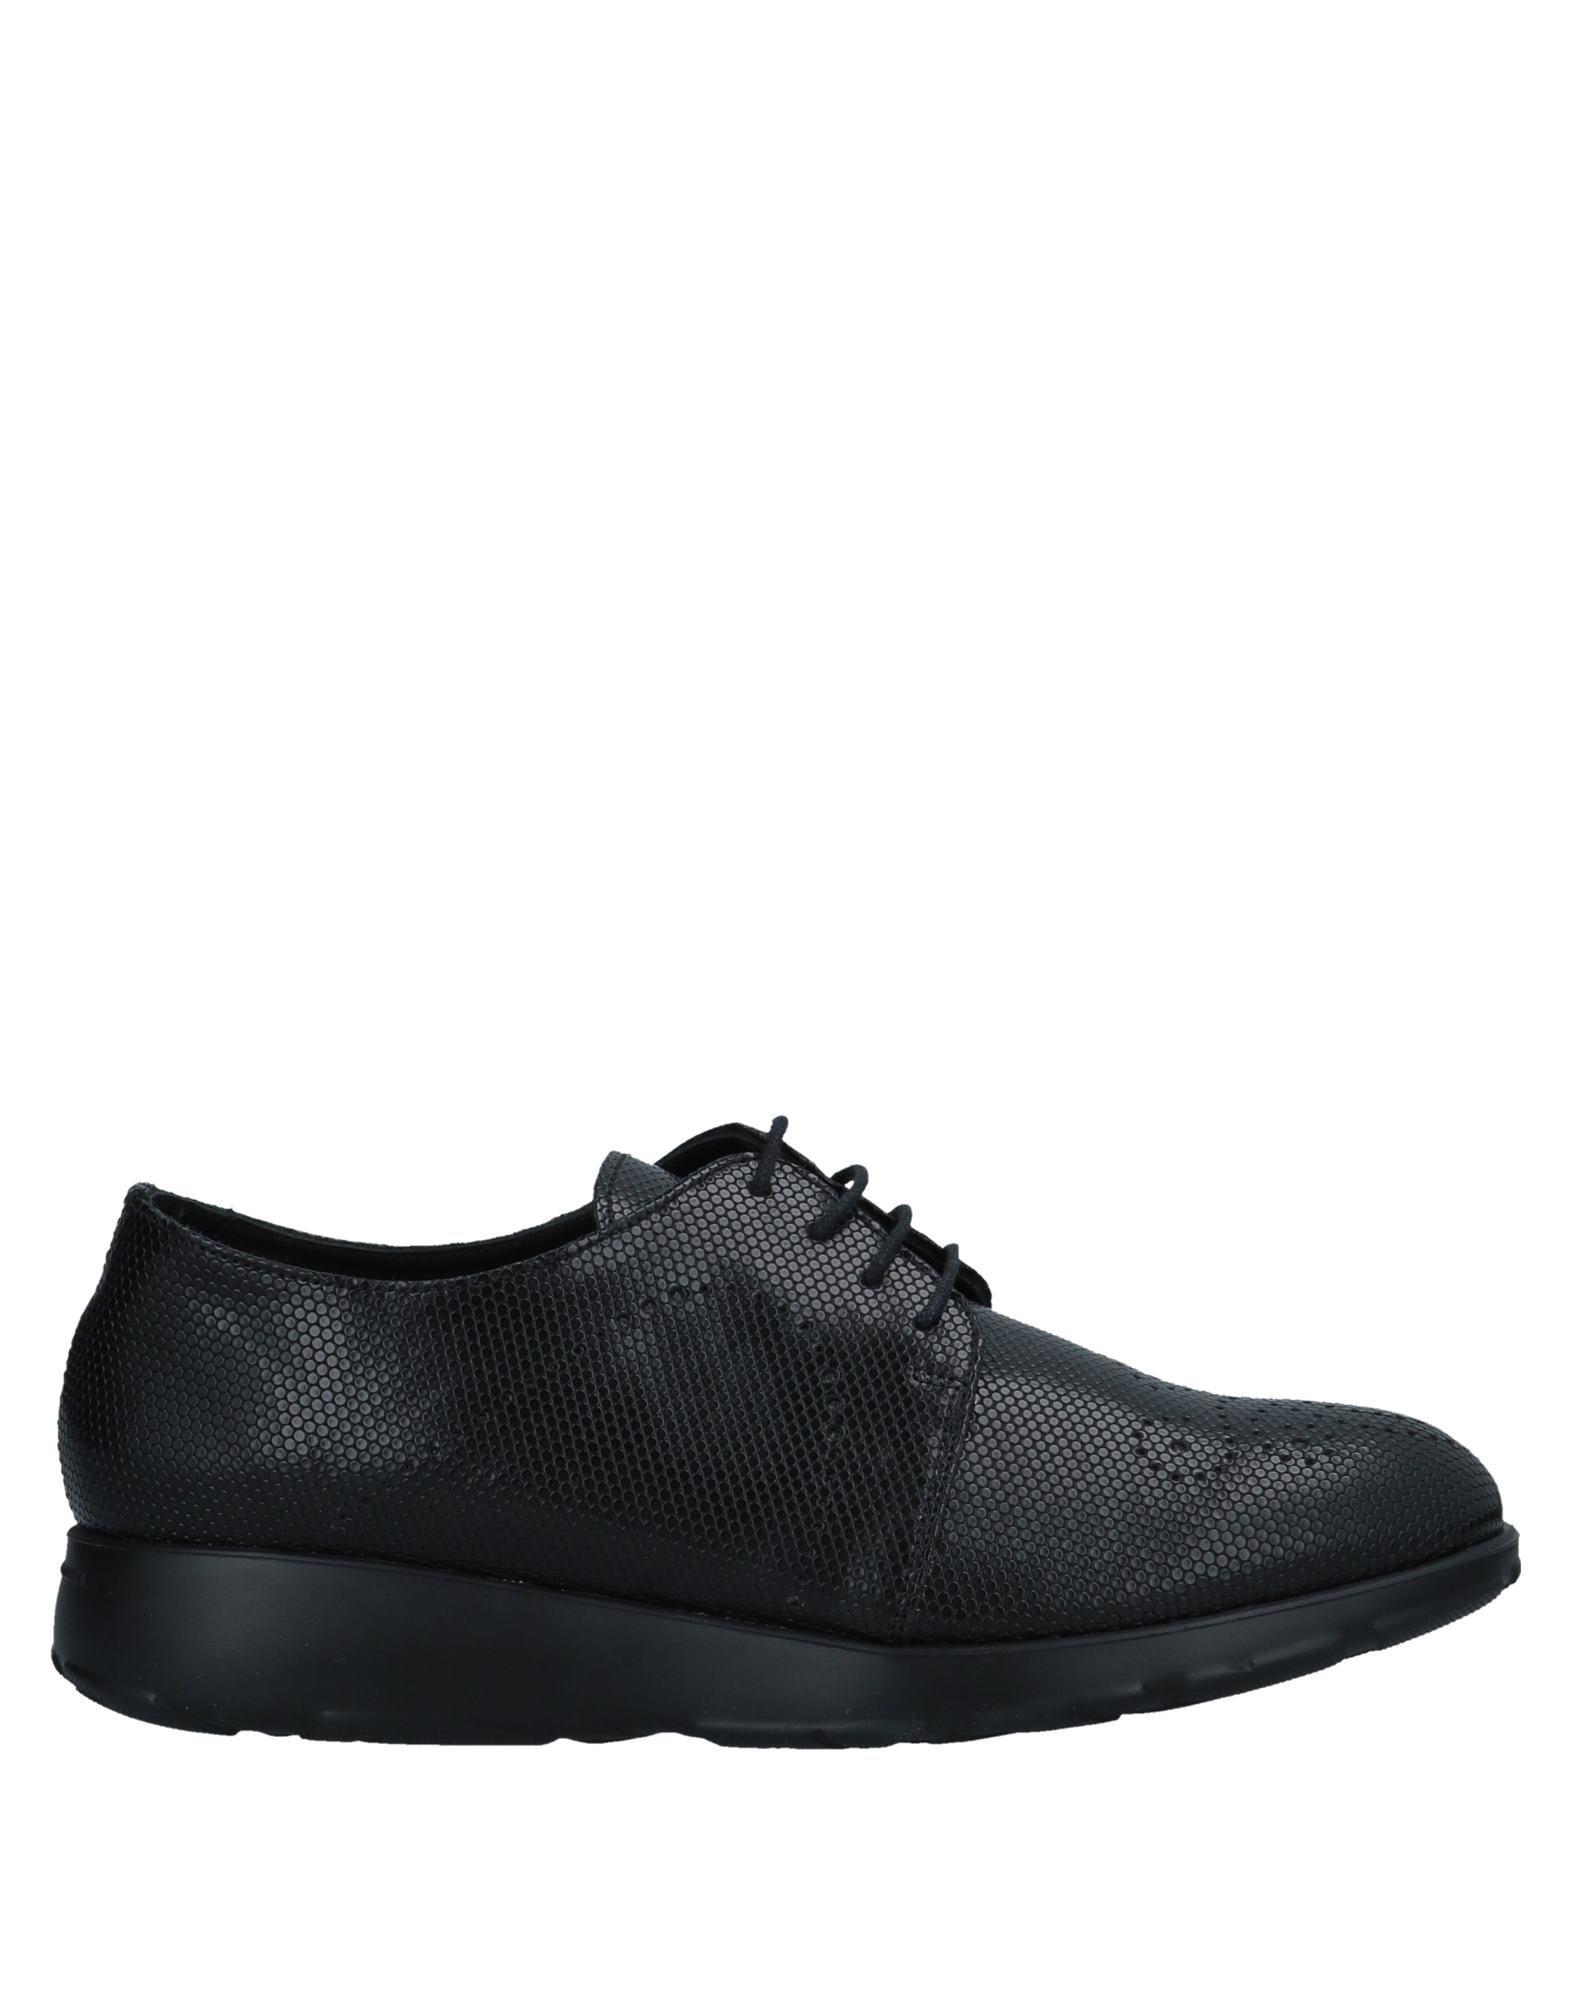 Fratelli Rossetti Schnürschuhe Damen  11548333XPGut aussehende strapazierfähige Schuhe